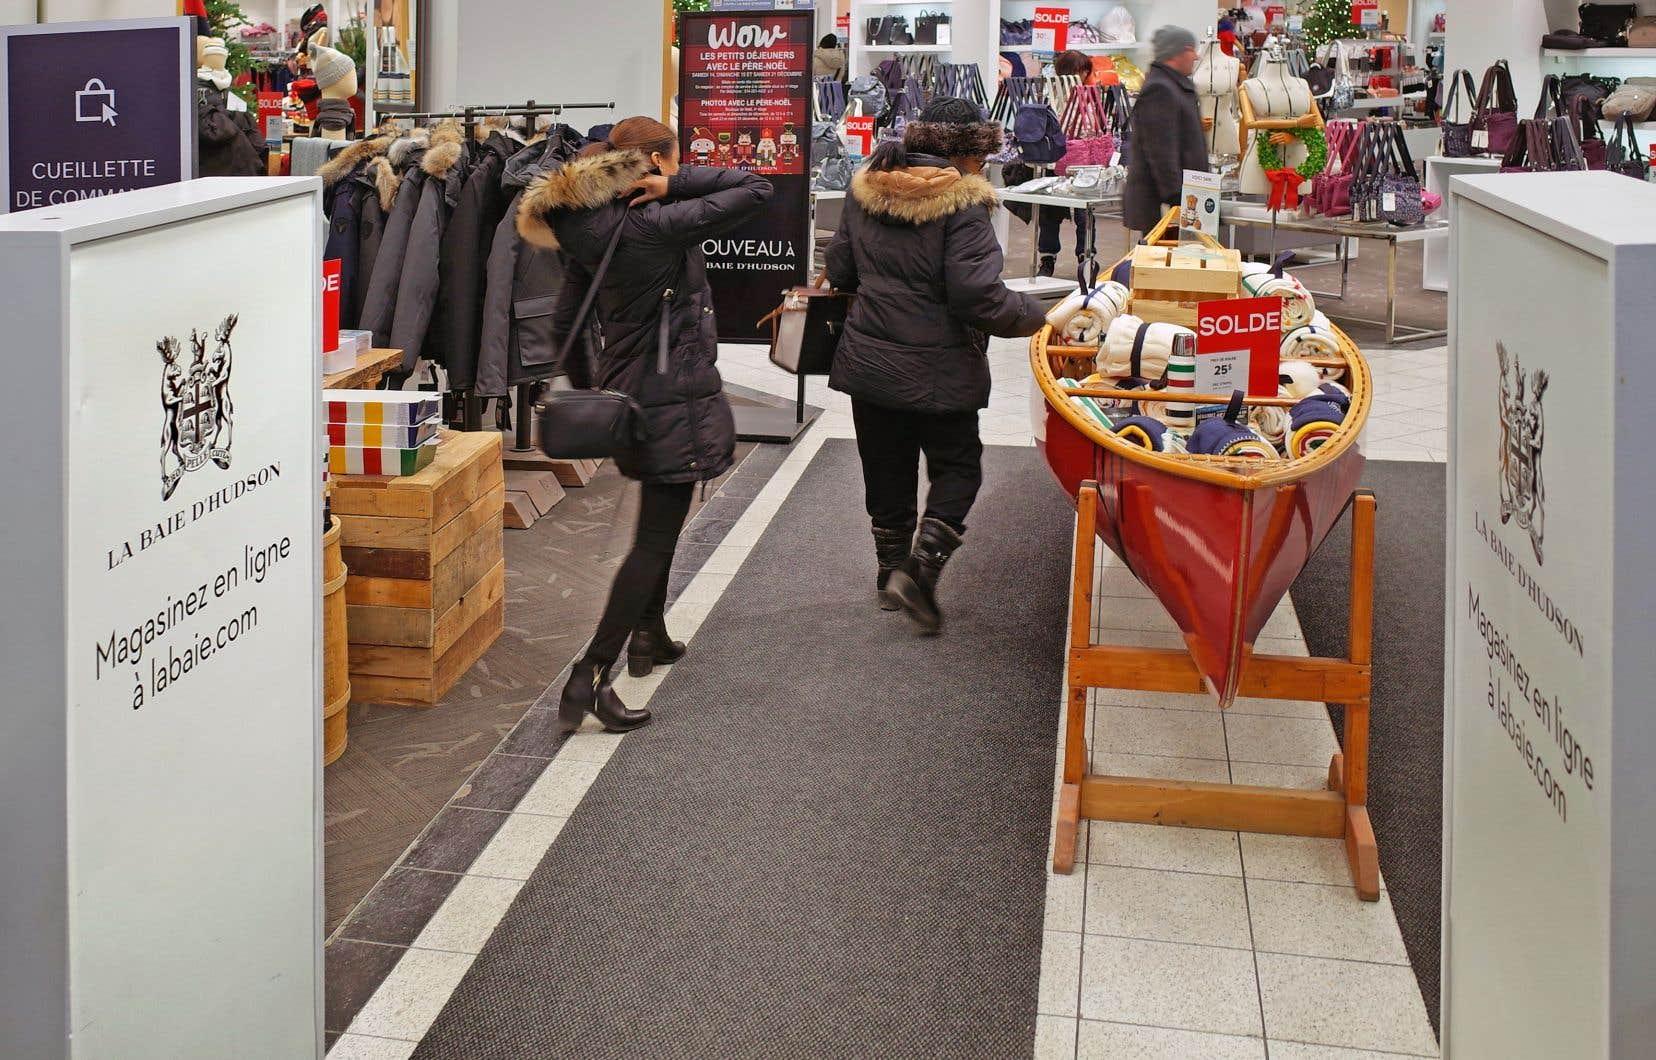 Le marché de la Baie d'Hudson mettra en vedette de grands vendeurs tiers de produits de marque ainsi que de petits vendeurs, artisans et entrepreneurs, a déclaré la société.